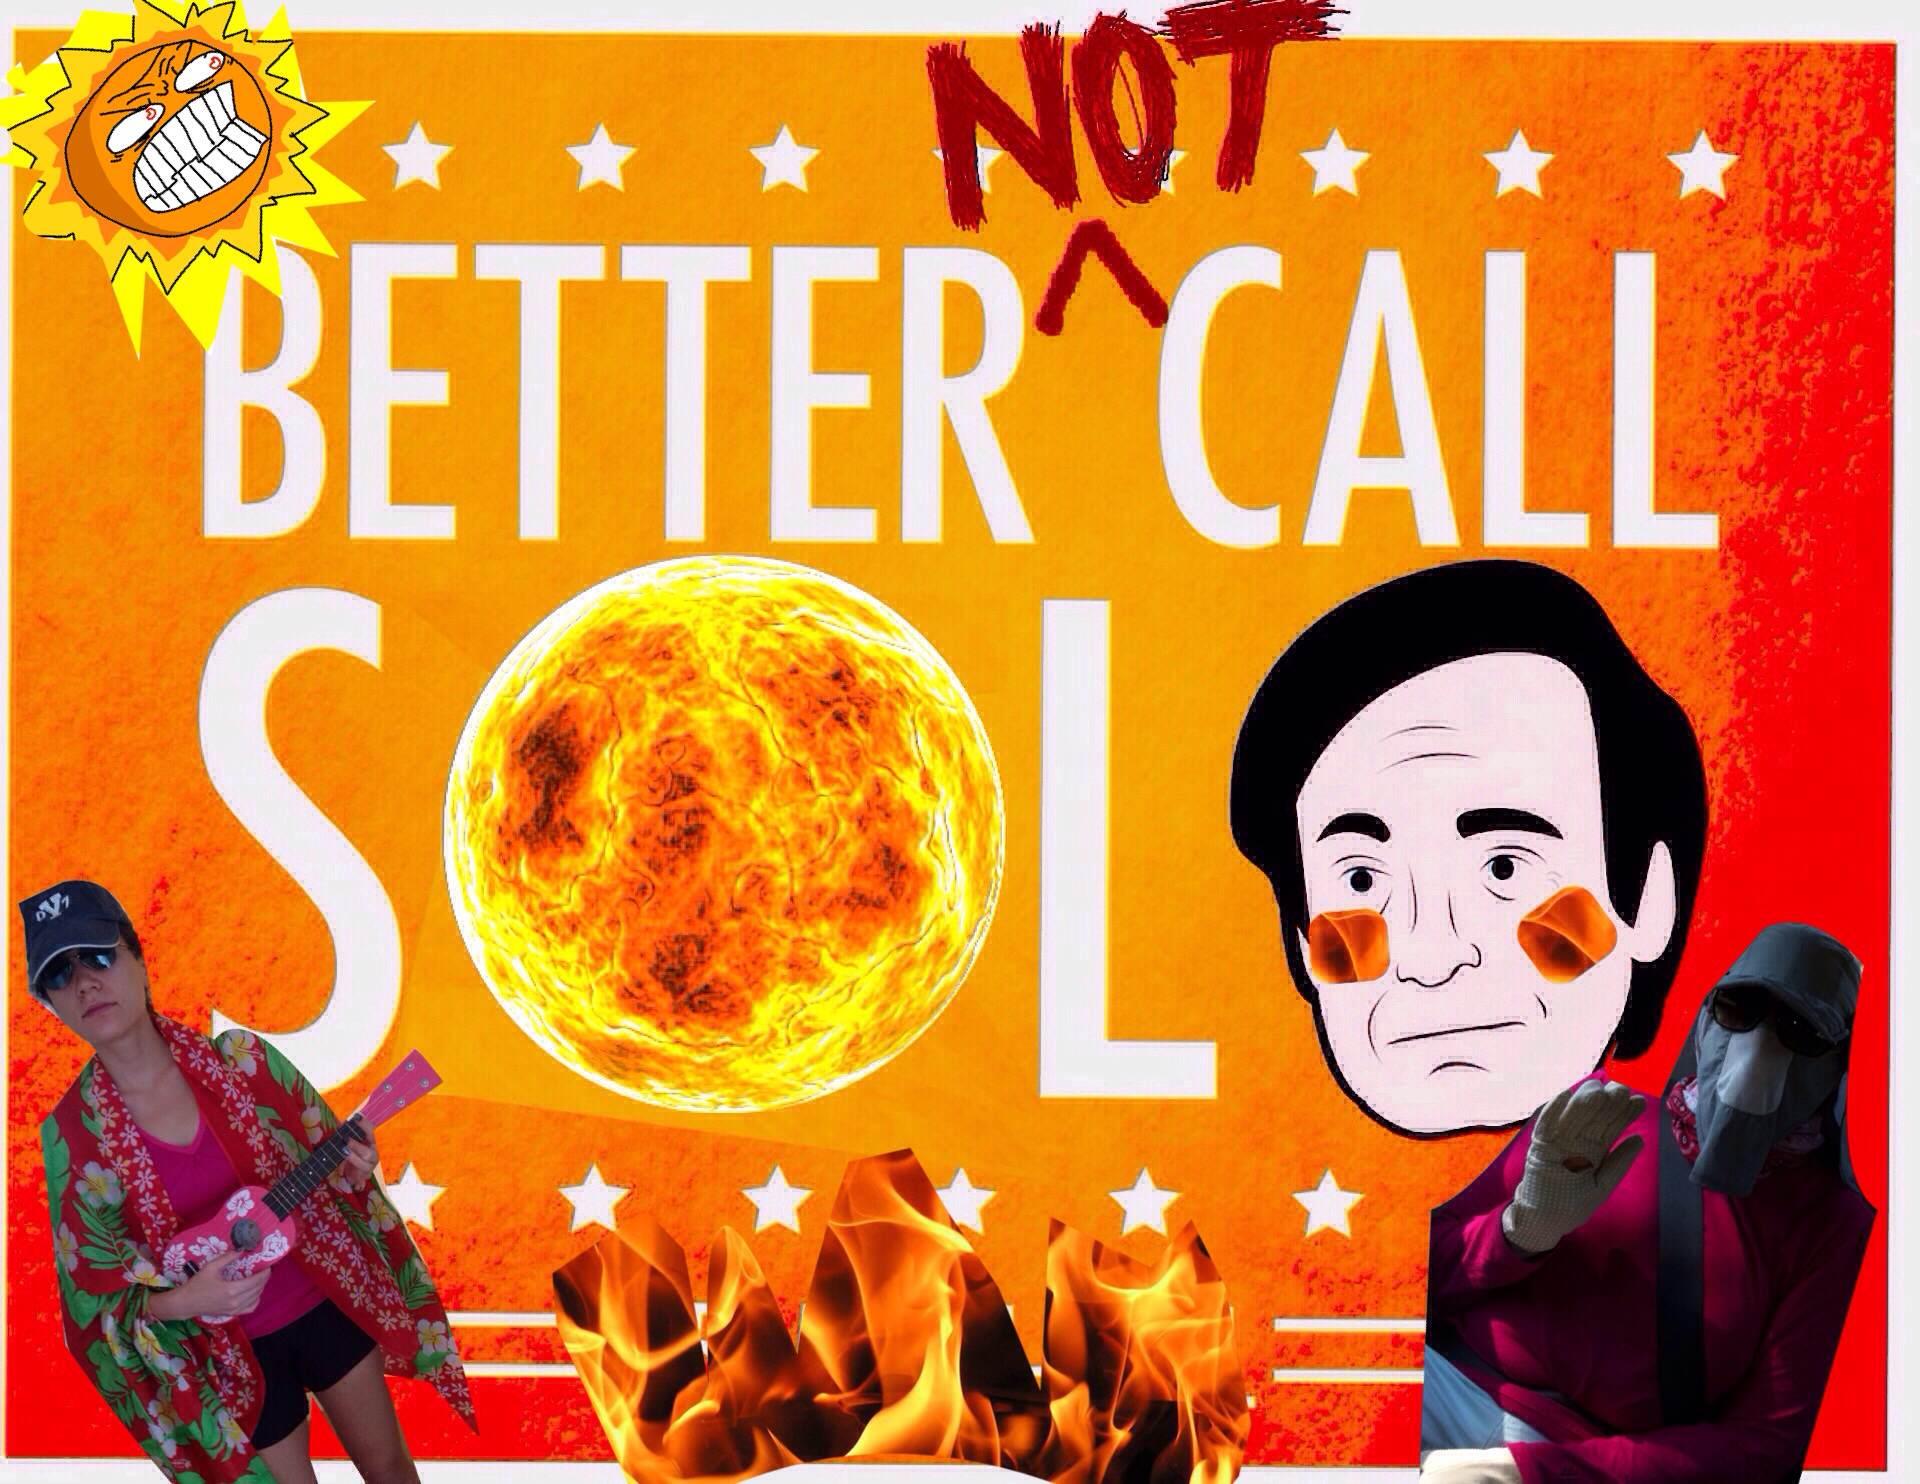 better not call sol